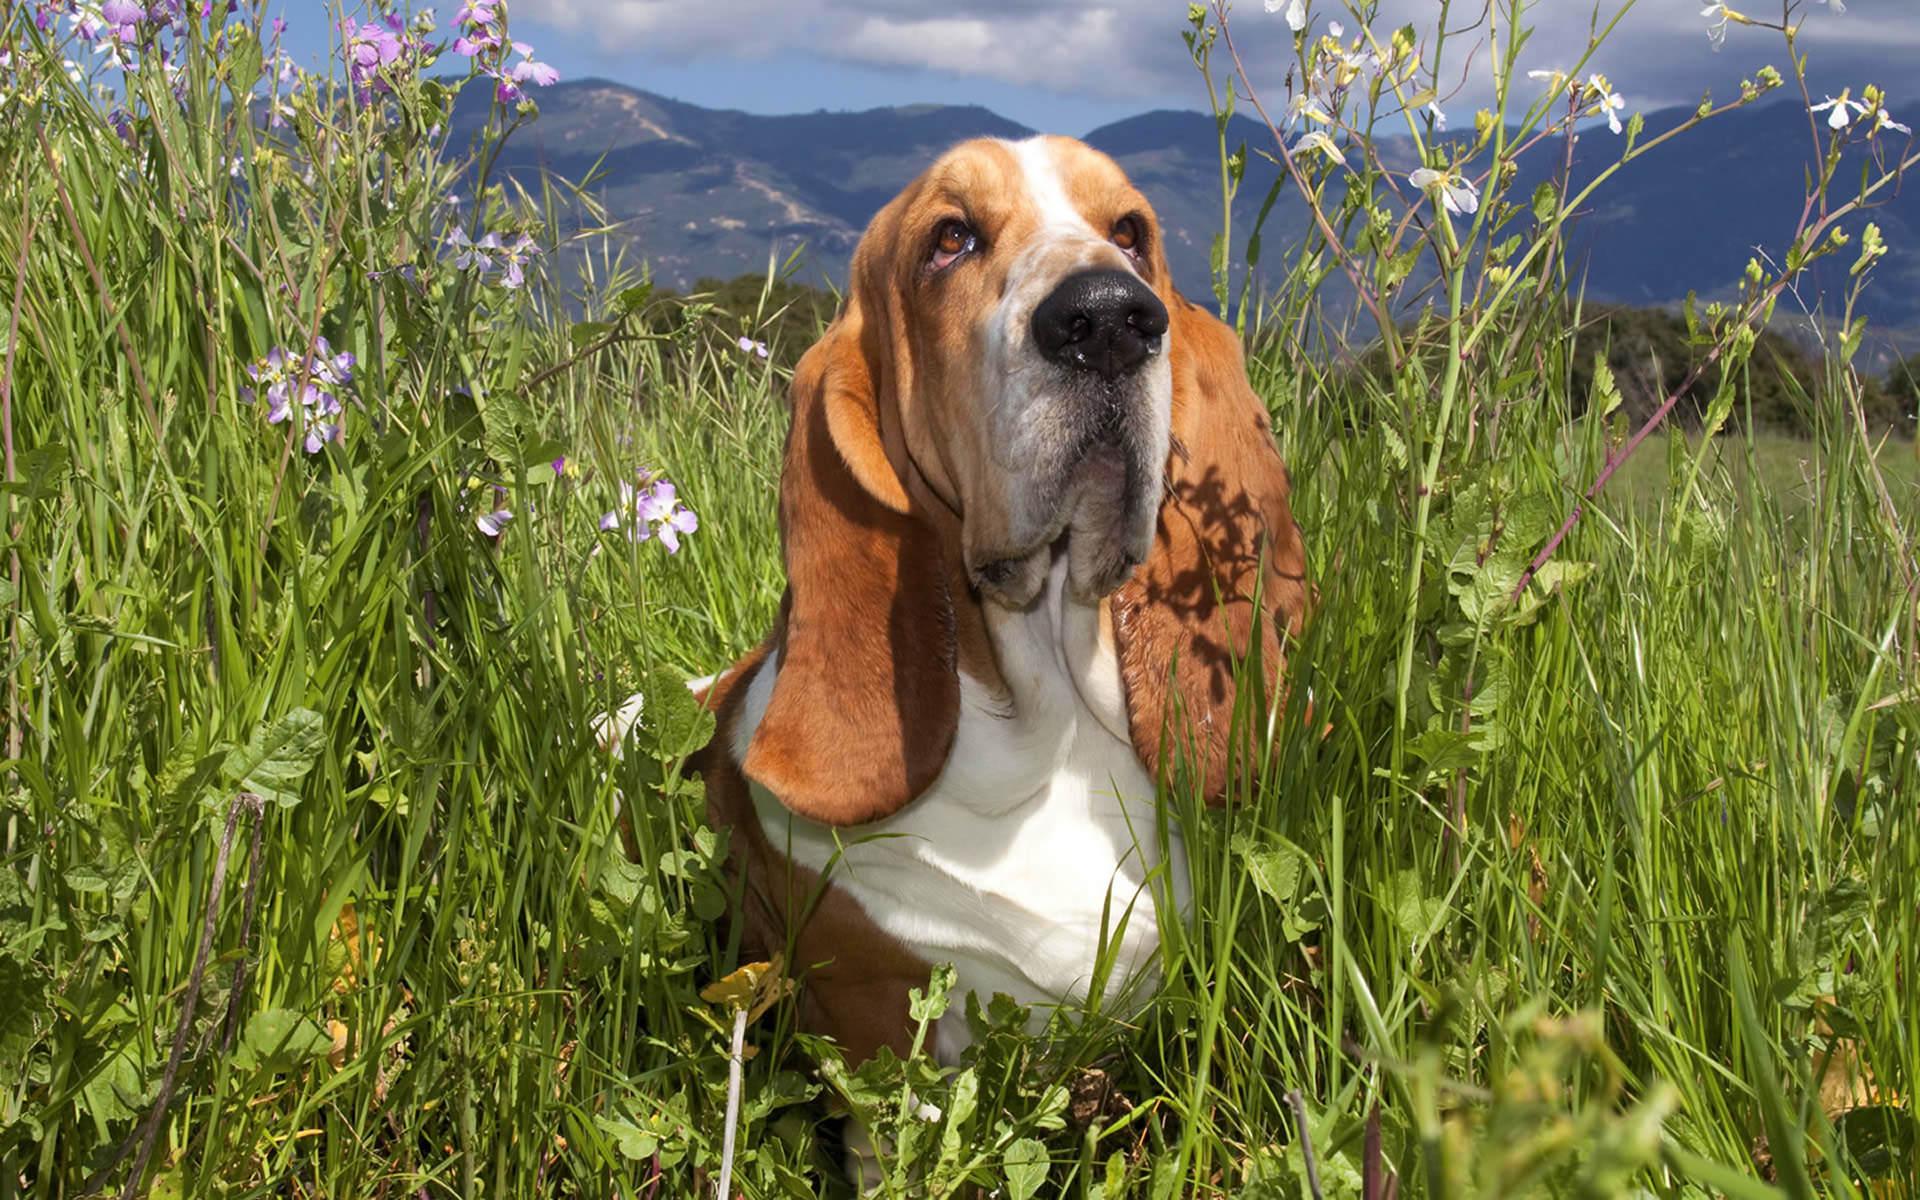 basset hound puppies wallpaper - photo #16